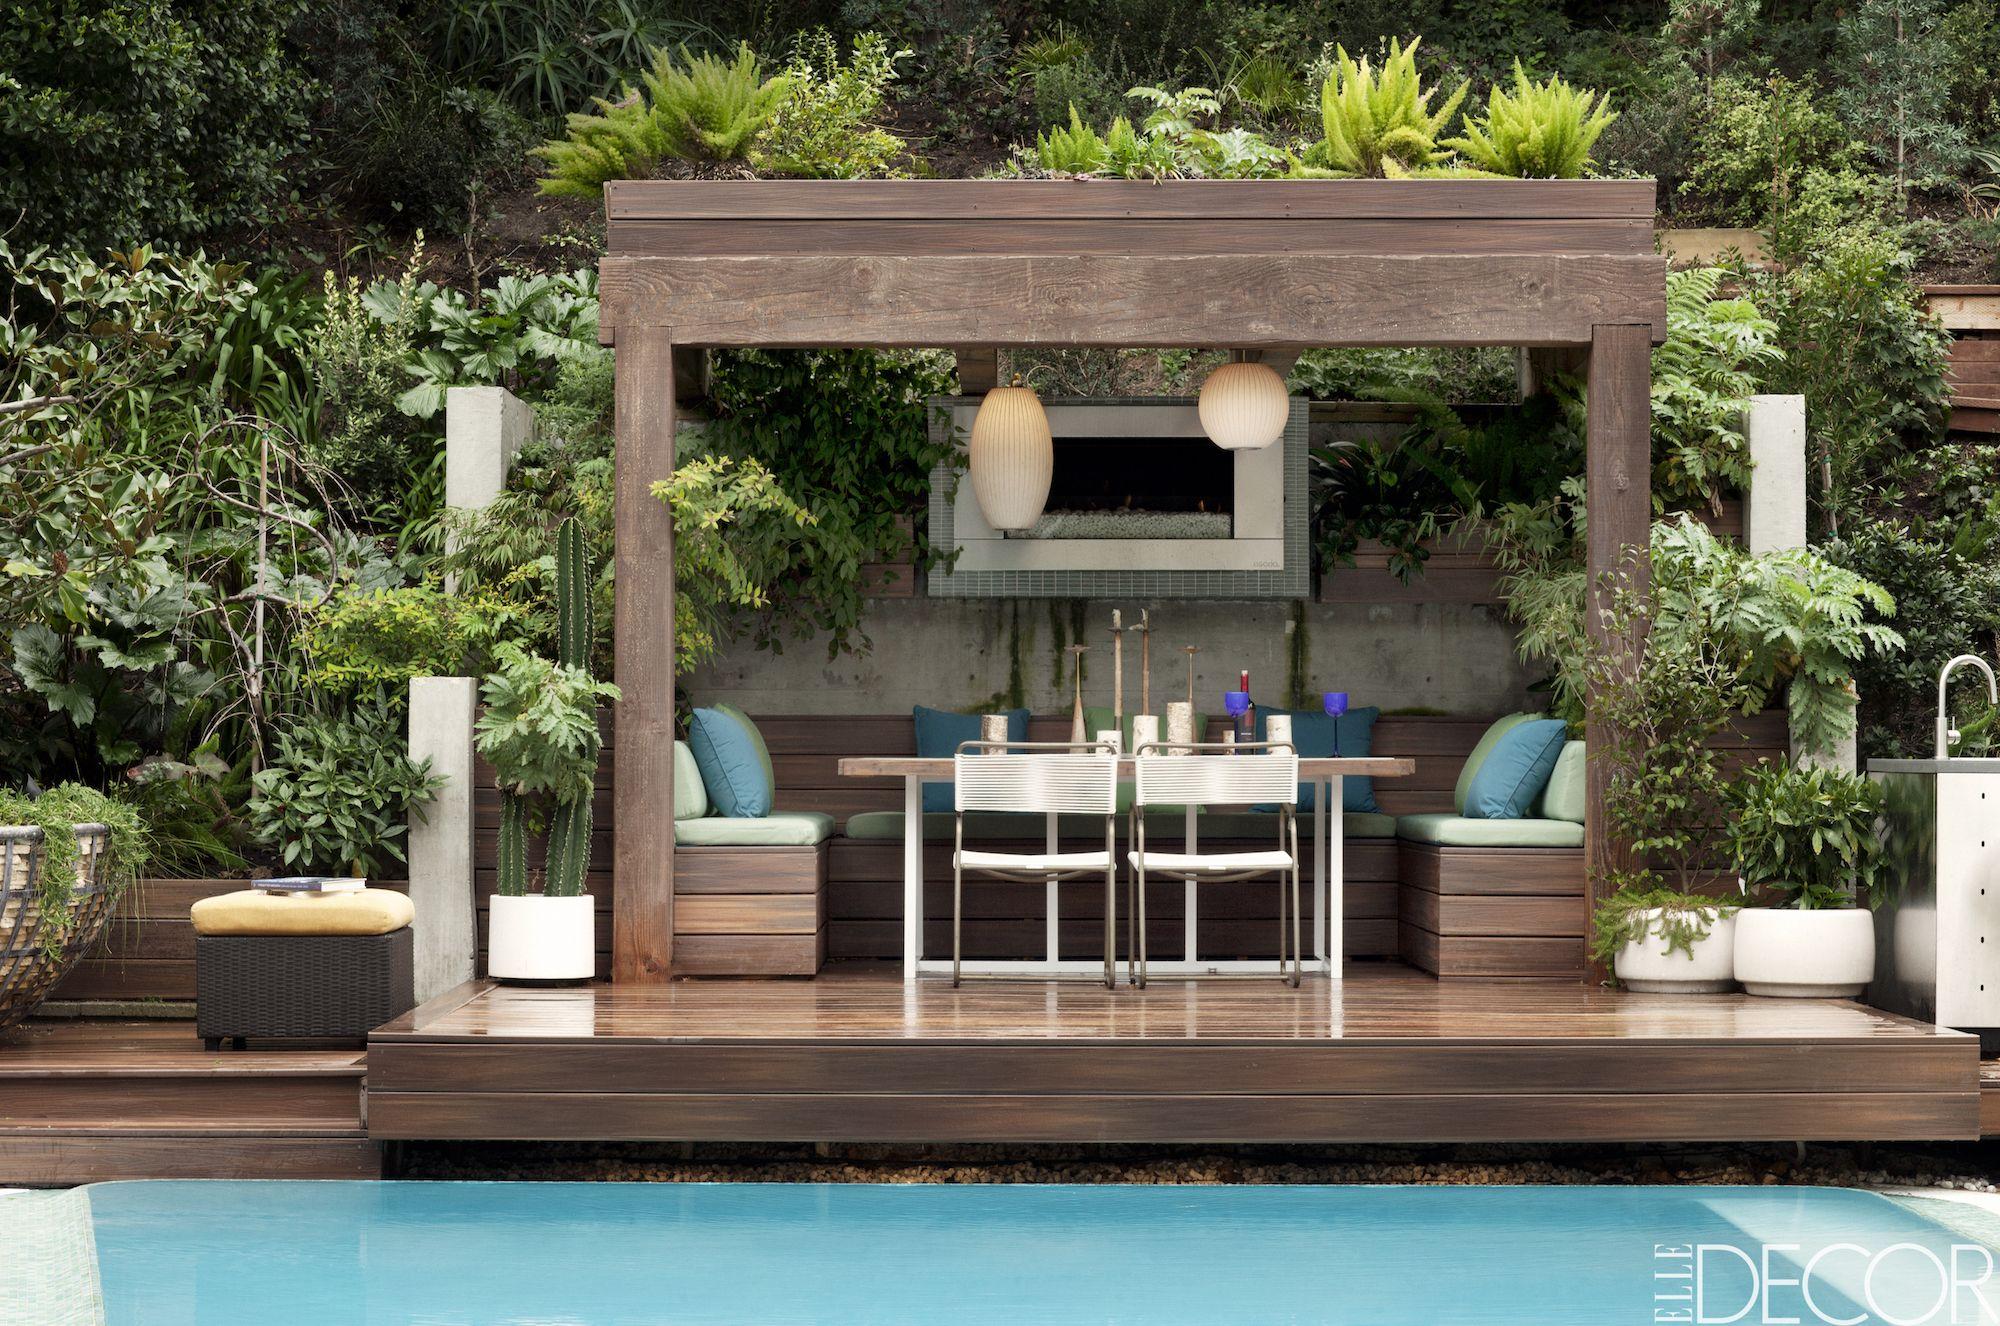 28 Best Outdoor Rooms - Outdoor Living Spaces